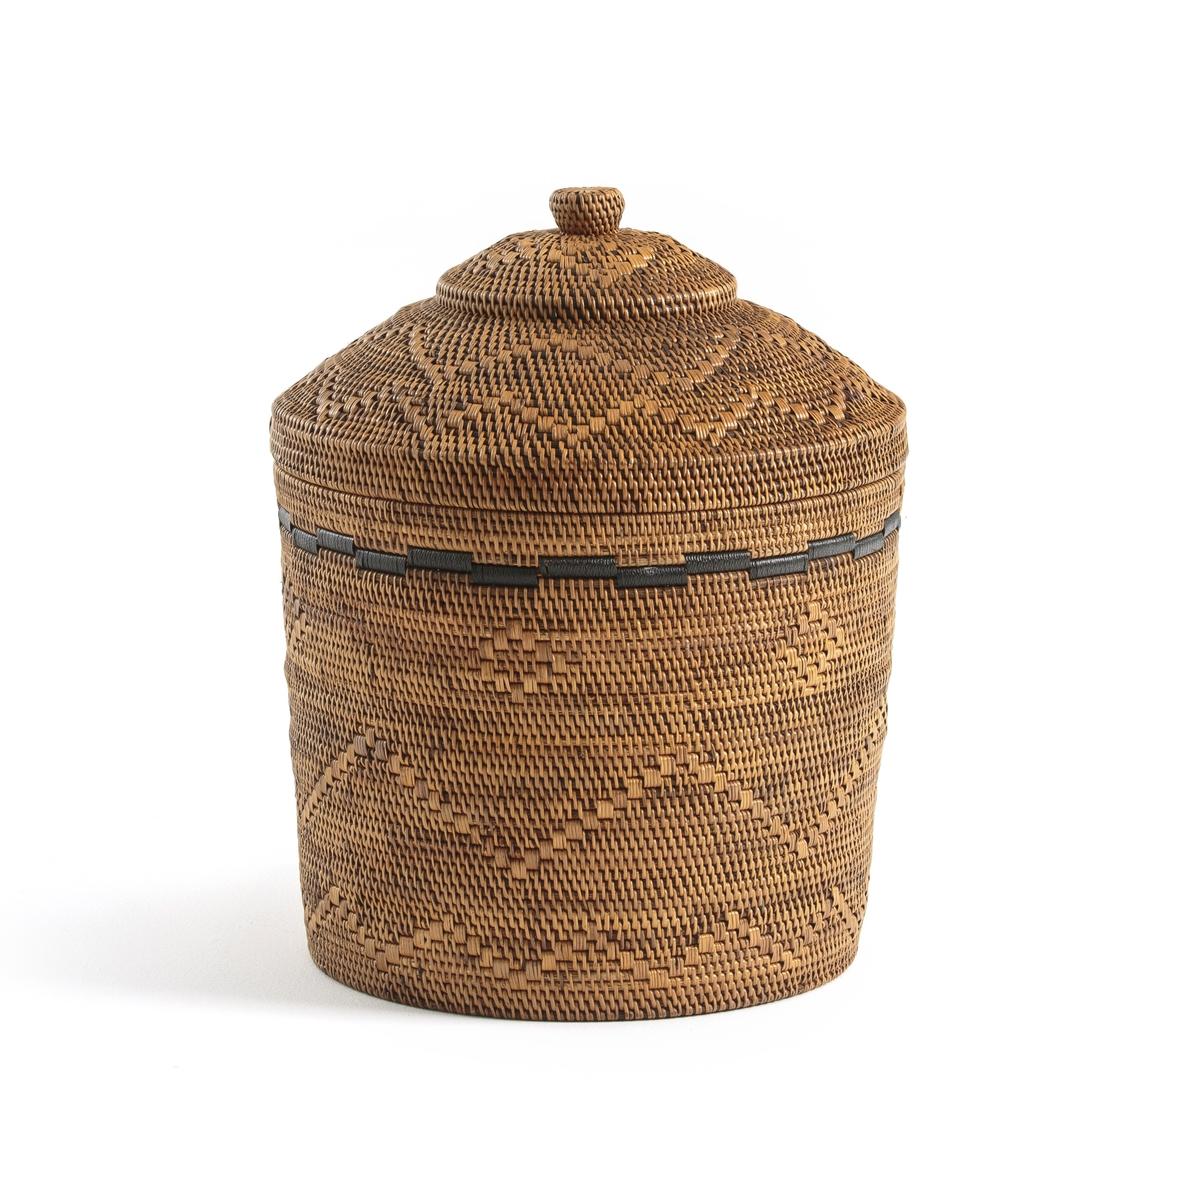 Корзина La Redoute x В см бамбук и плетеный ротанг Brazil единый размер каштановый корзина la redoute из ротанга x в см zelia единый размер бежевый